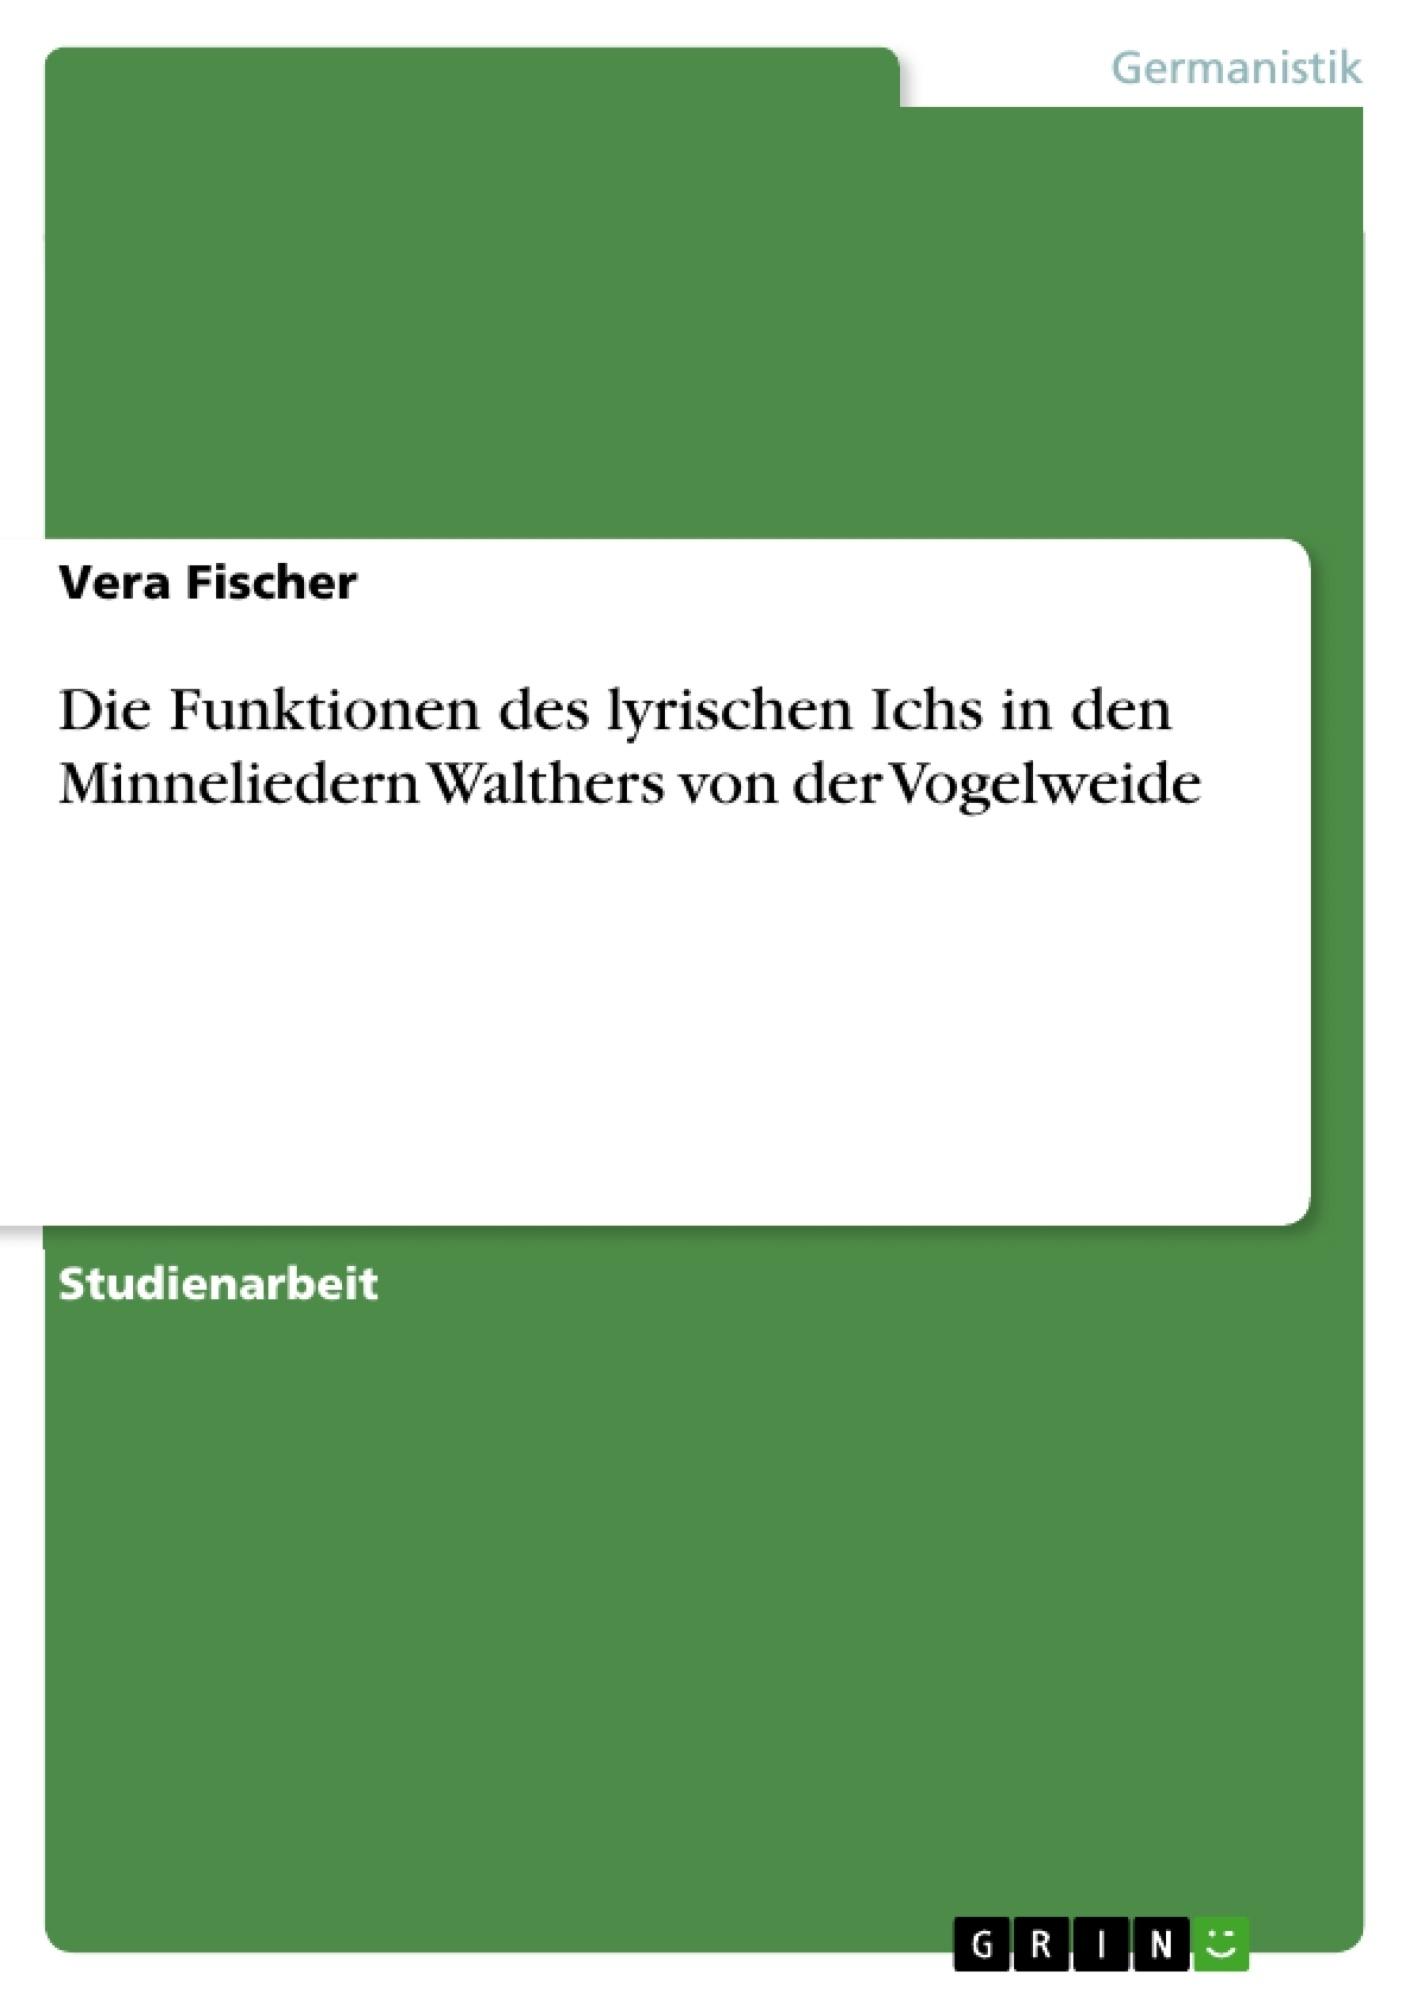 Titel: Die Funktionen des lyrischen Ichs in den Minneliedern Walthers von der Vogelweide